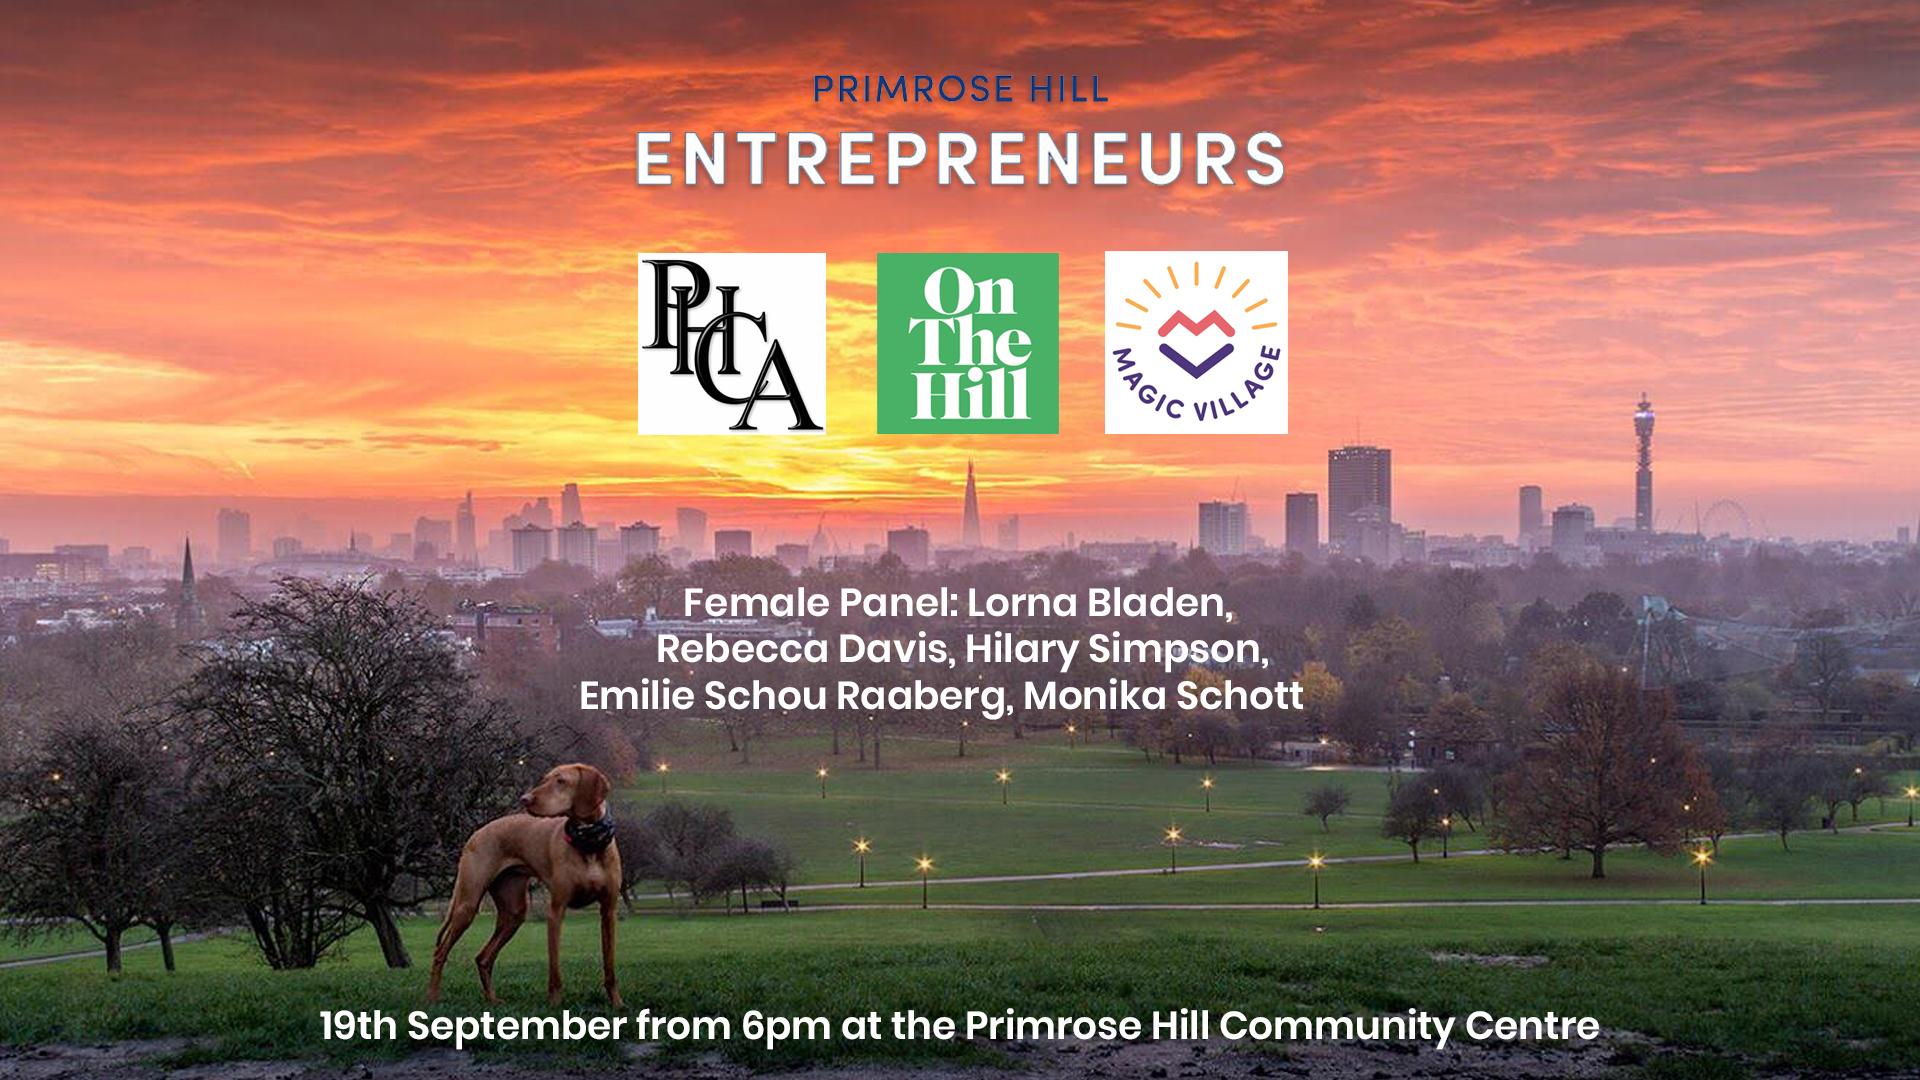 Primrose Hill Entrepreneurs Female Panel